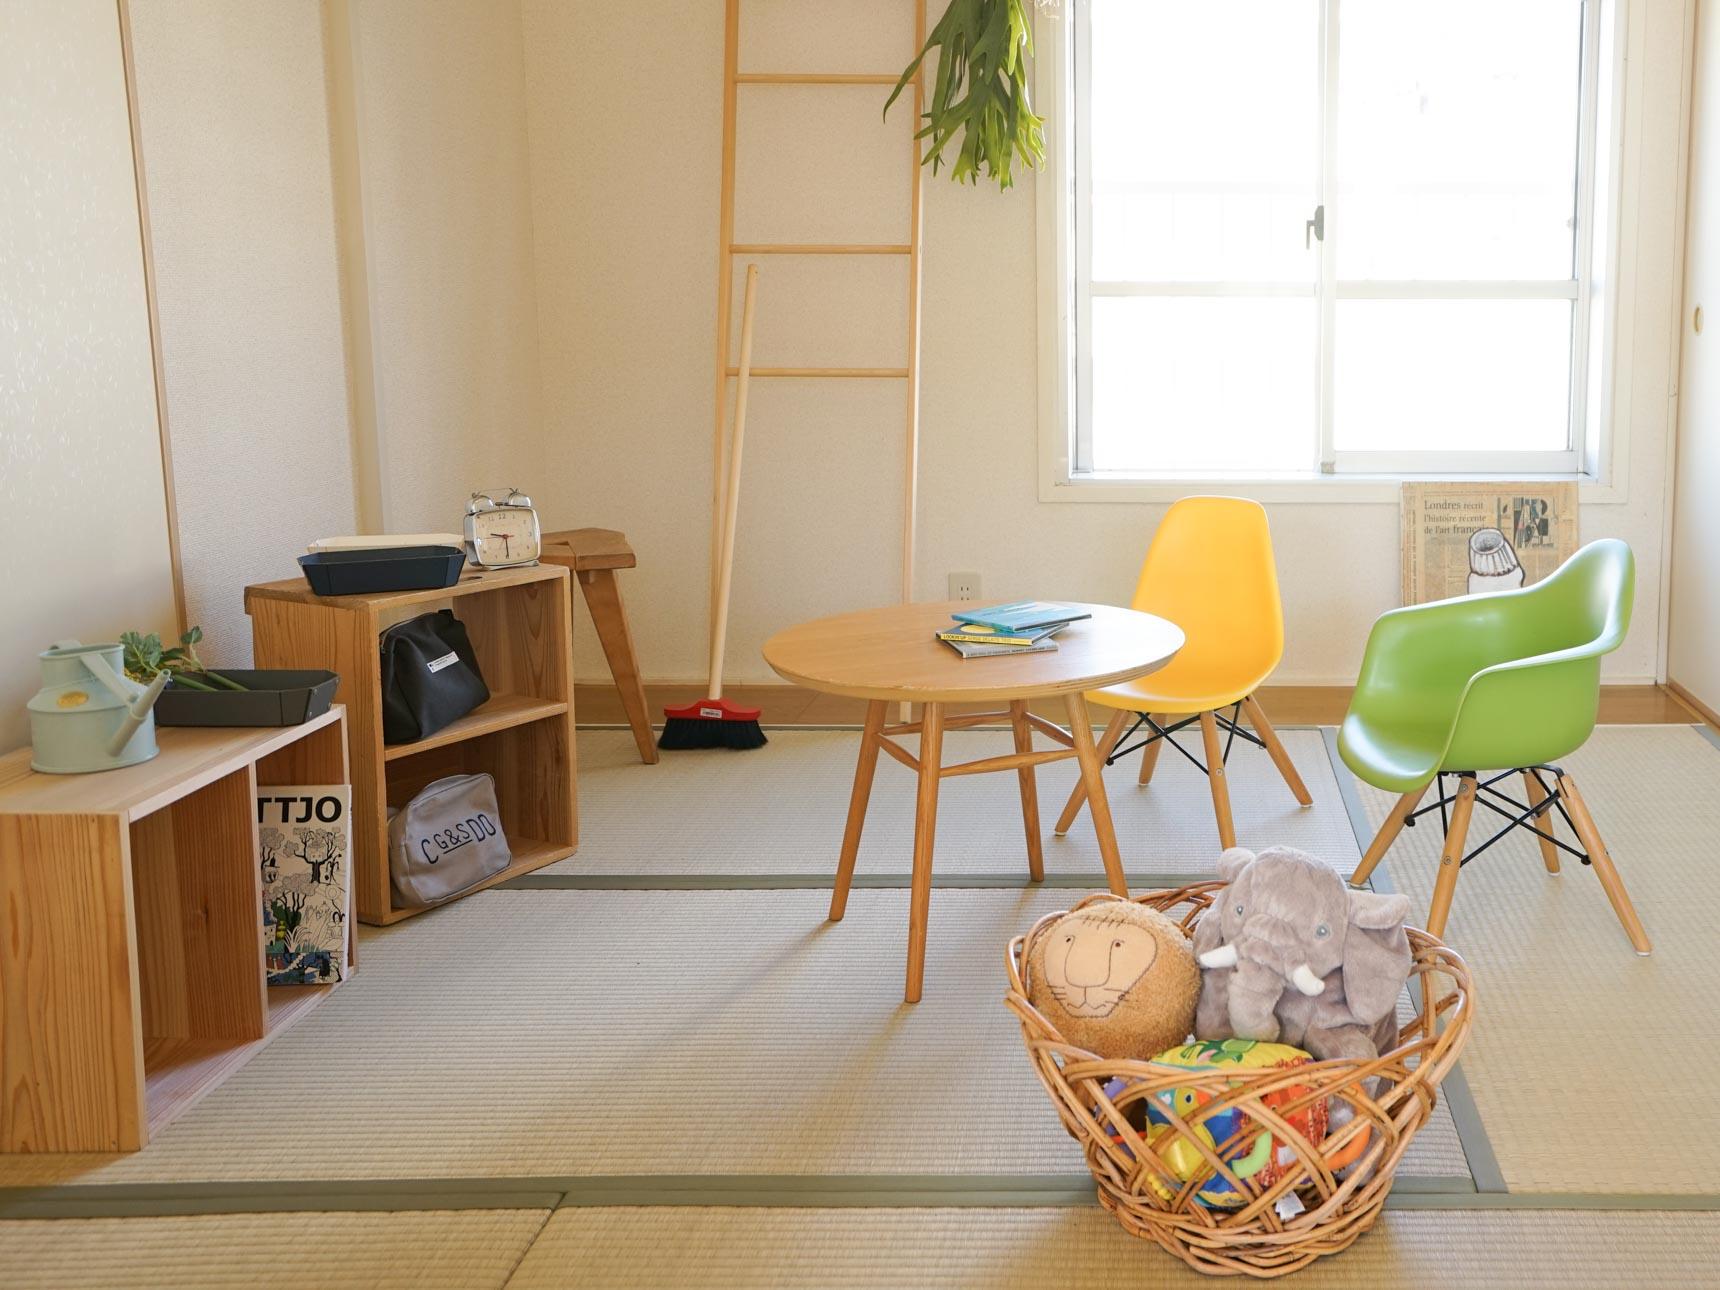 木の家具を中心に、差し色としてポップカラーのアイテムを取り入れましょう。